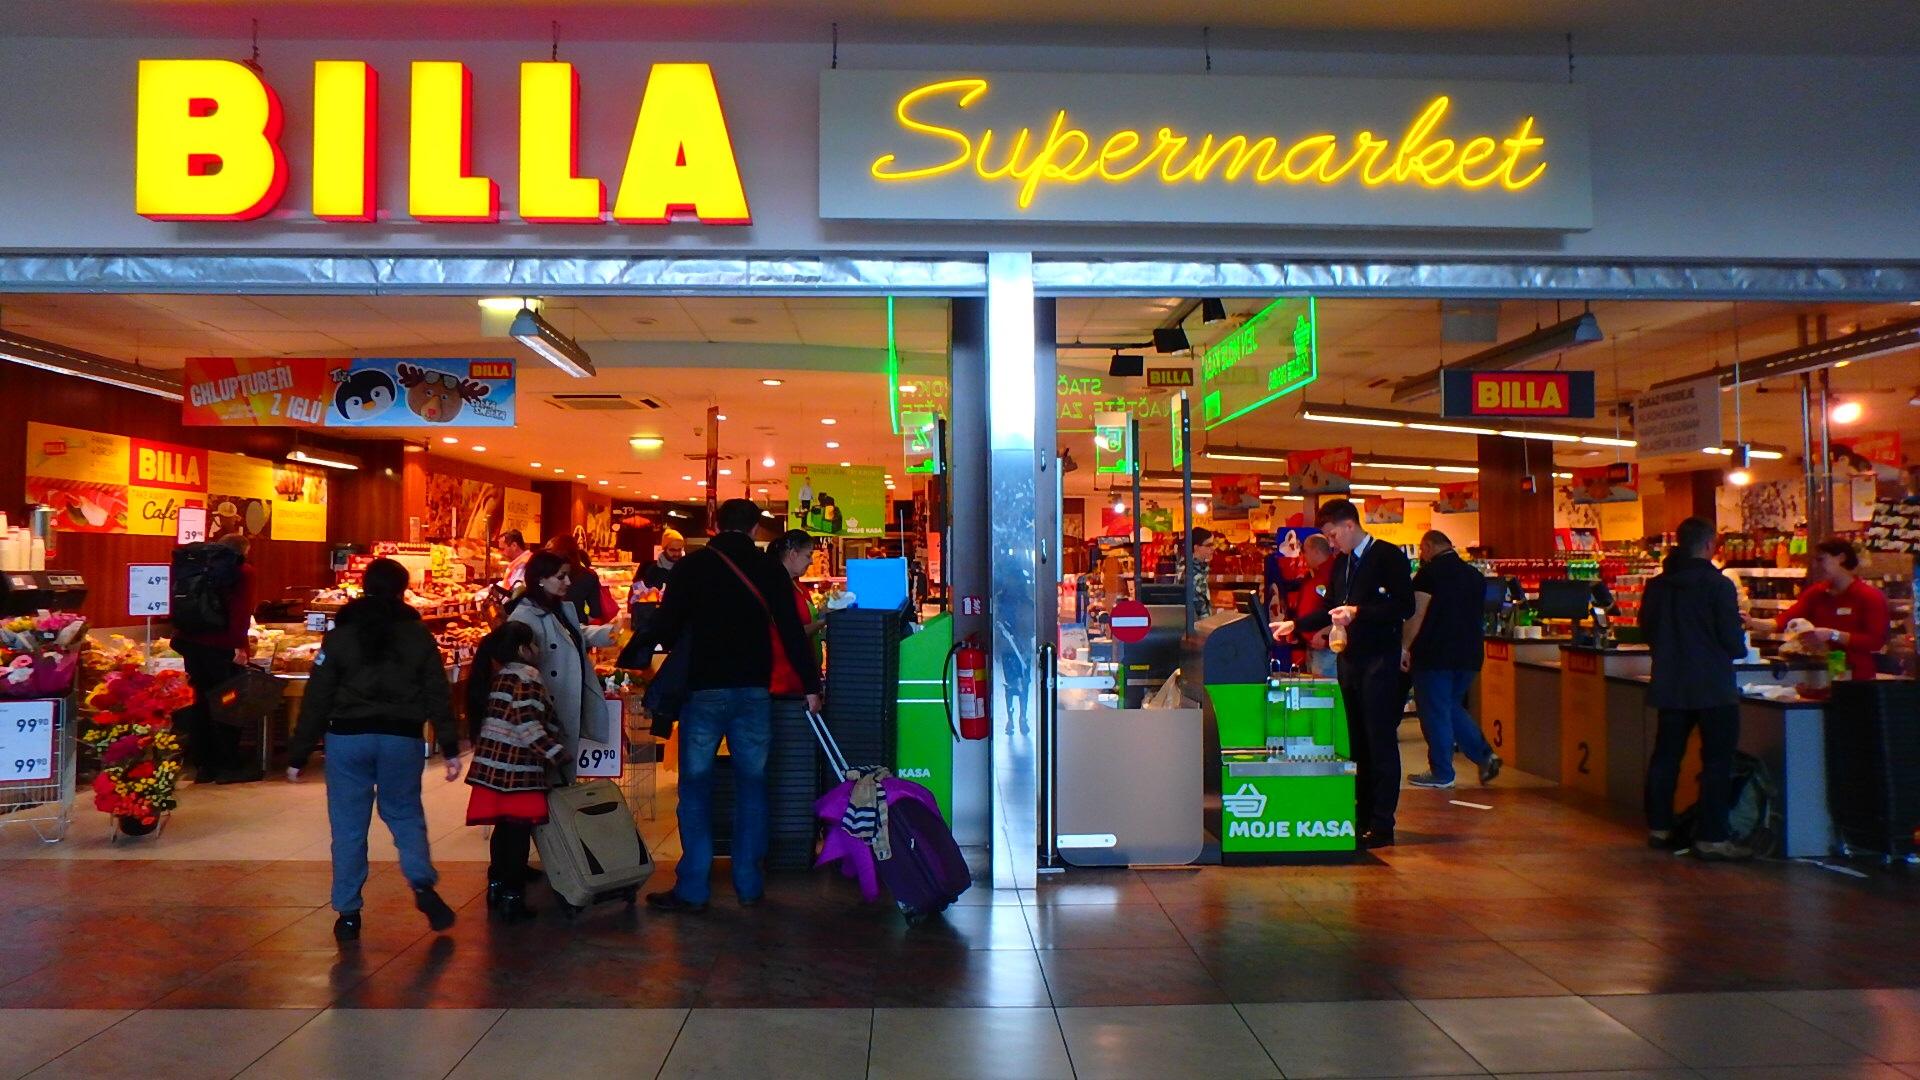 プラハ 空港 スーパーマーケット